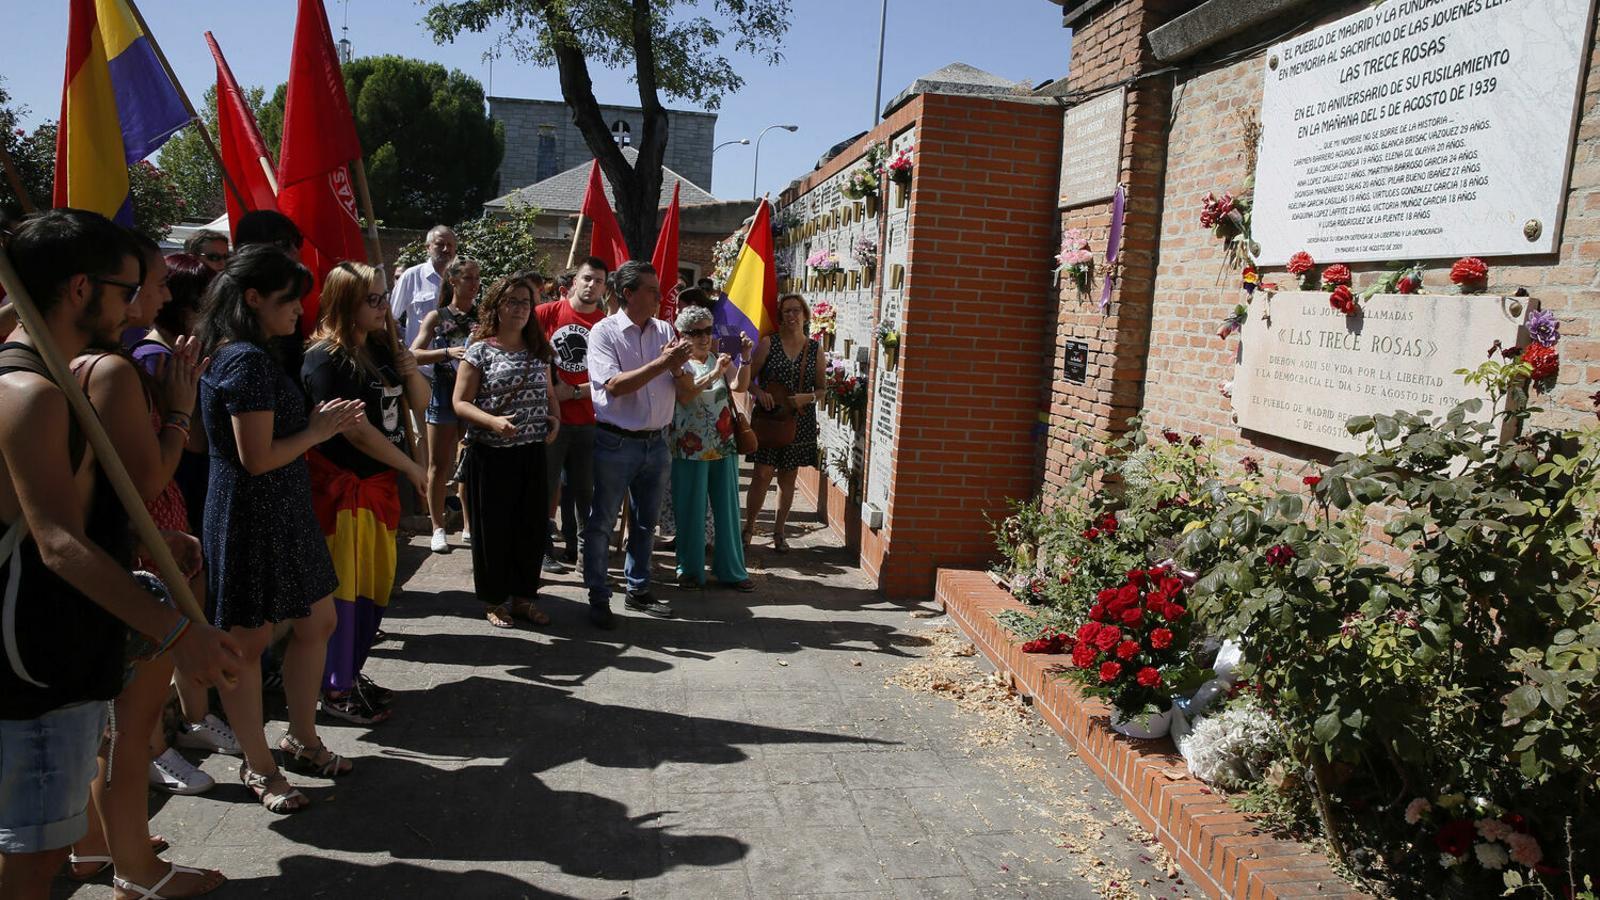 Homenatge a les 13 Roses al cementiri d'Almudena